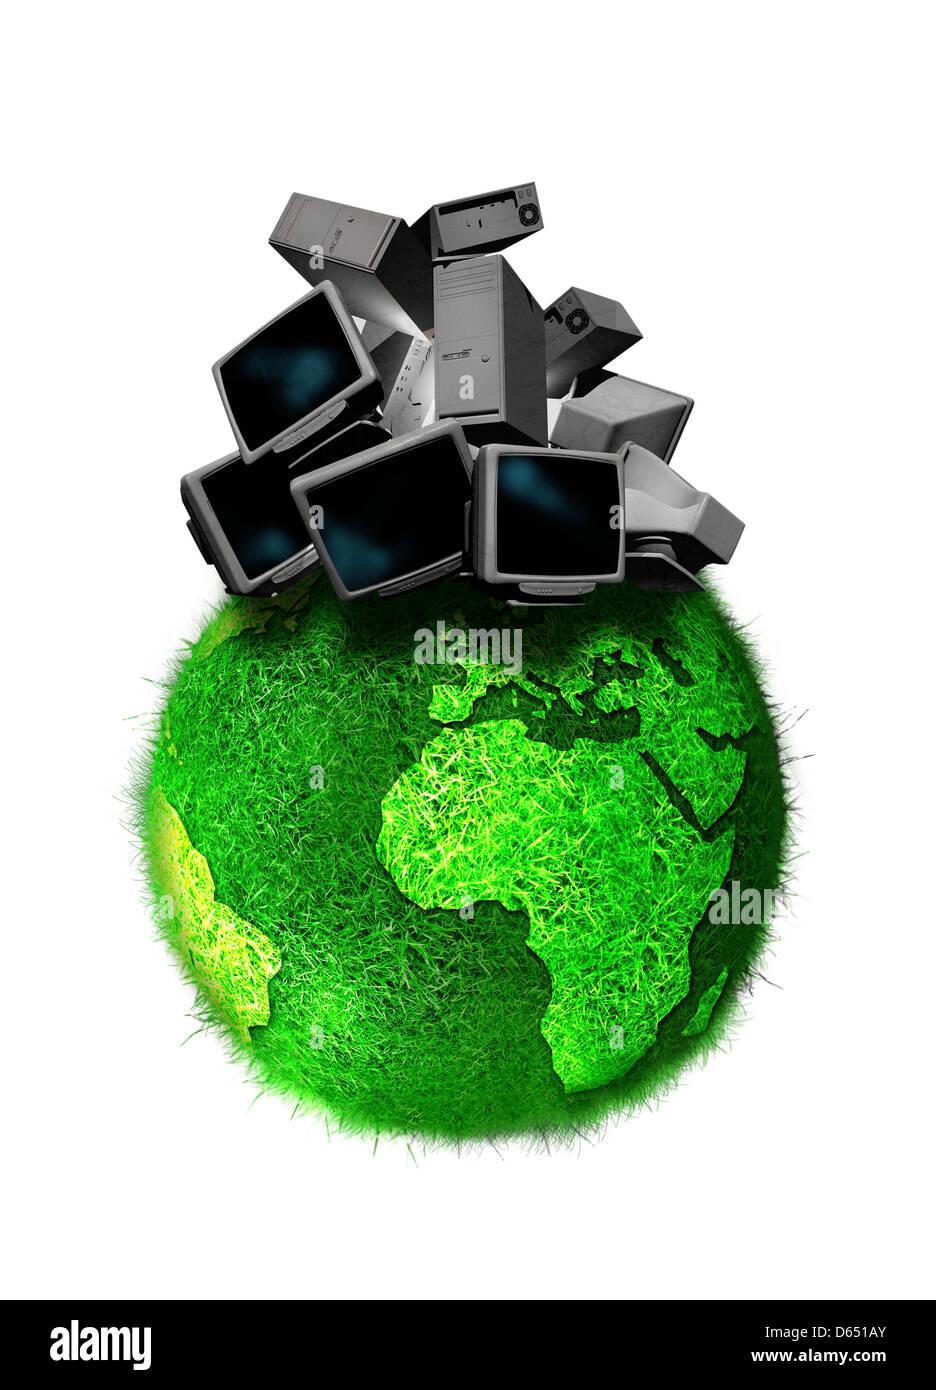 Le recyclage d'une technologie dépassée, artwork Photo Stock